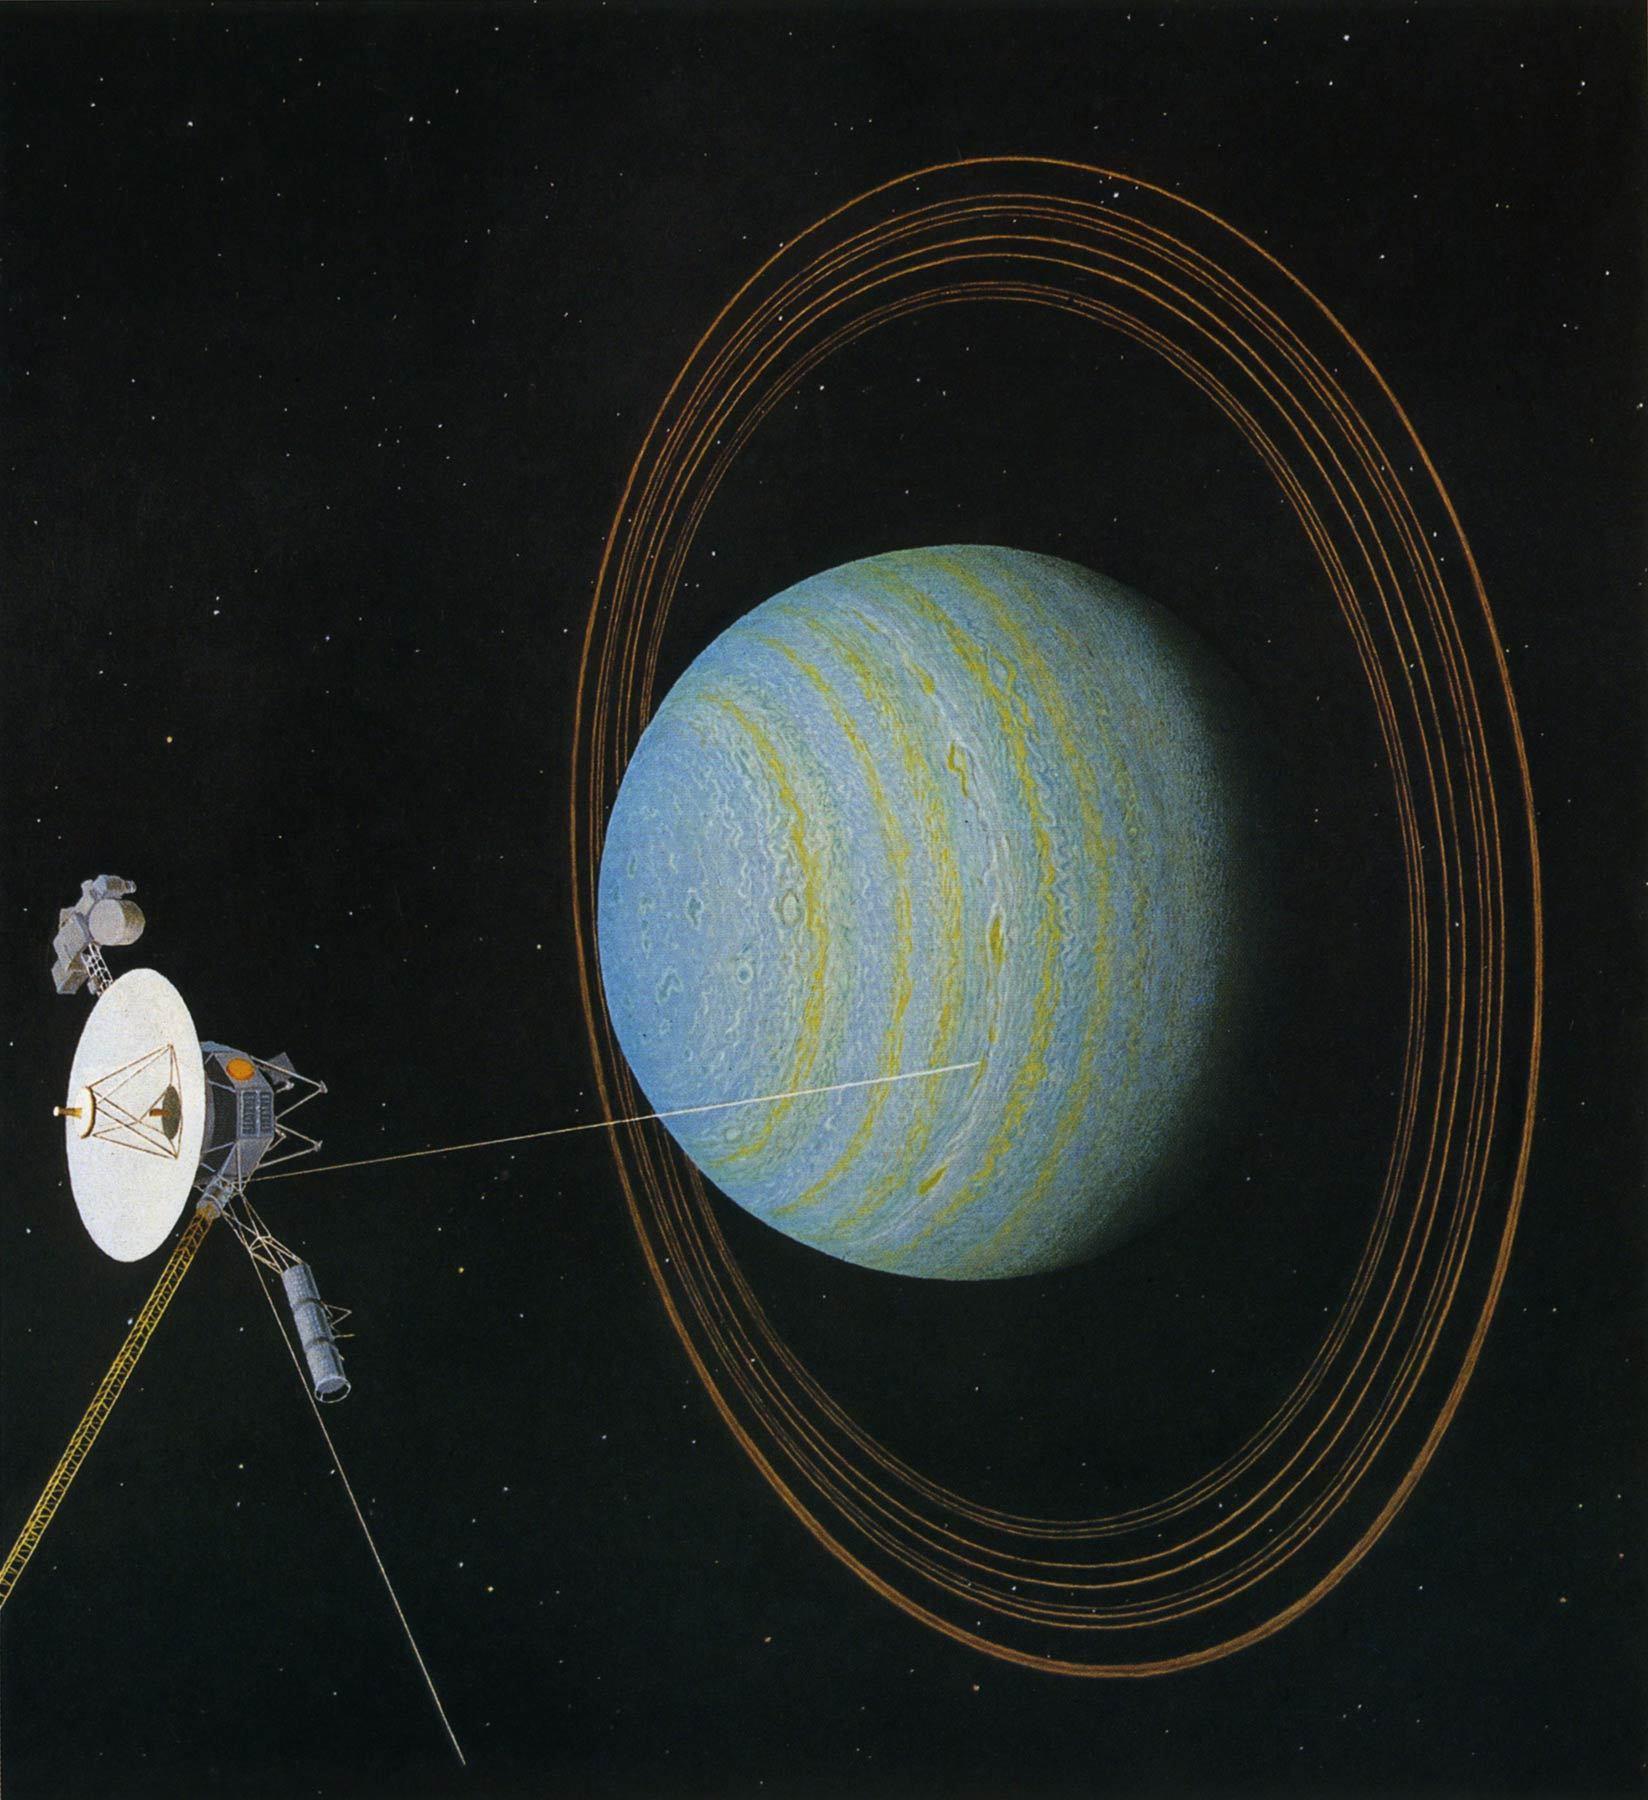 «Вояджер-2» приближается к Урану (1986). Фантазия художника